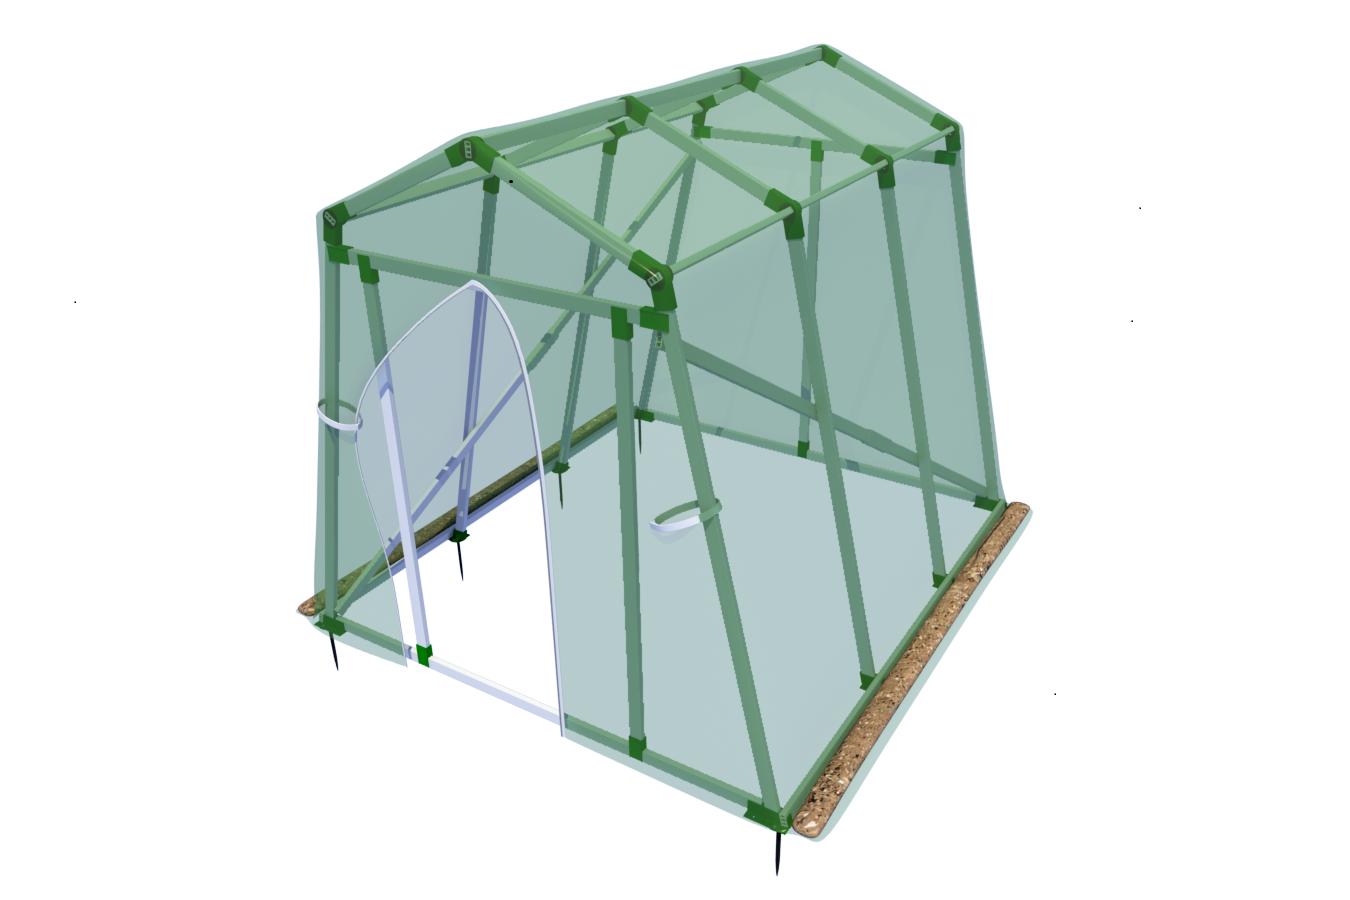 Vario-Quick Foliengewächshaus, Pflanzenzelt, komplettes Gewächshaus als Bausatz